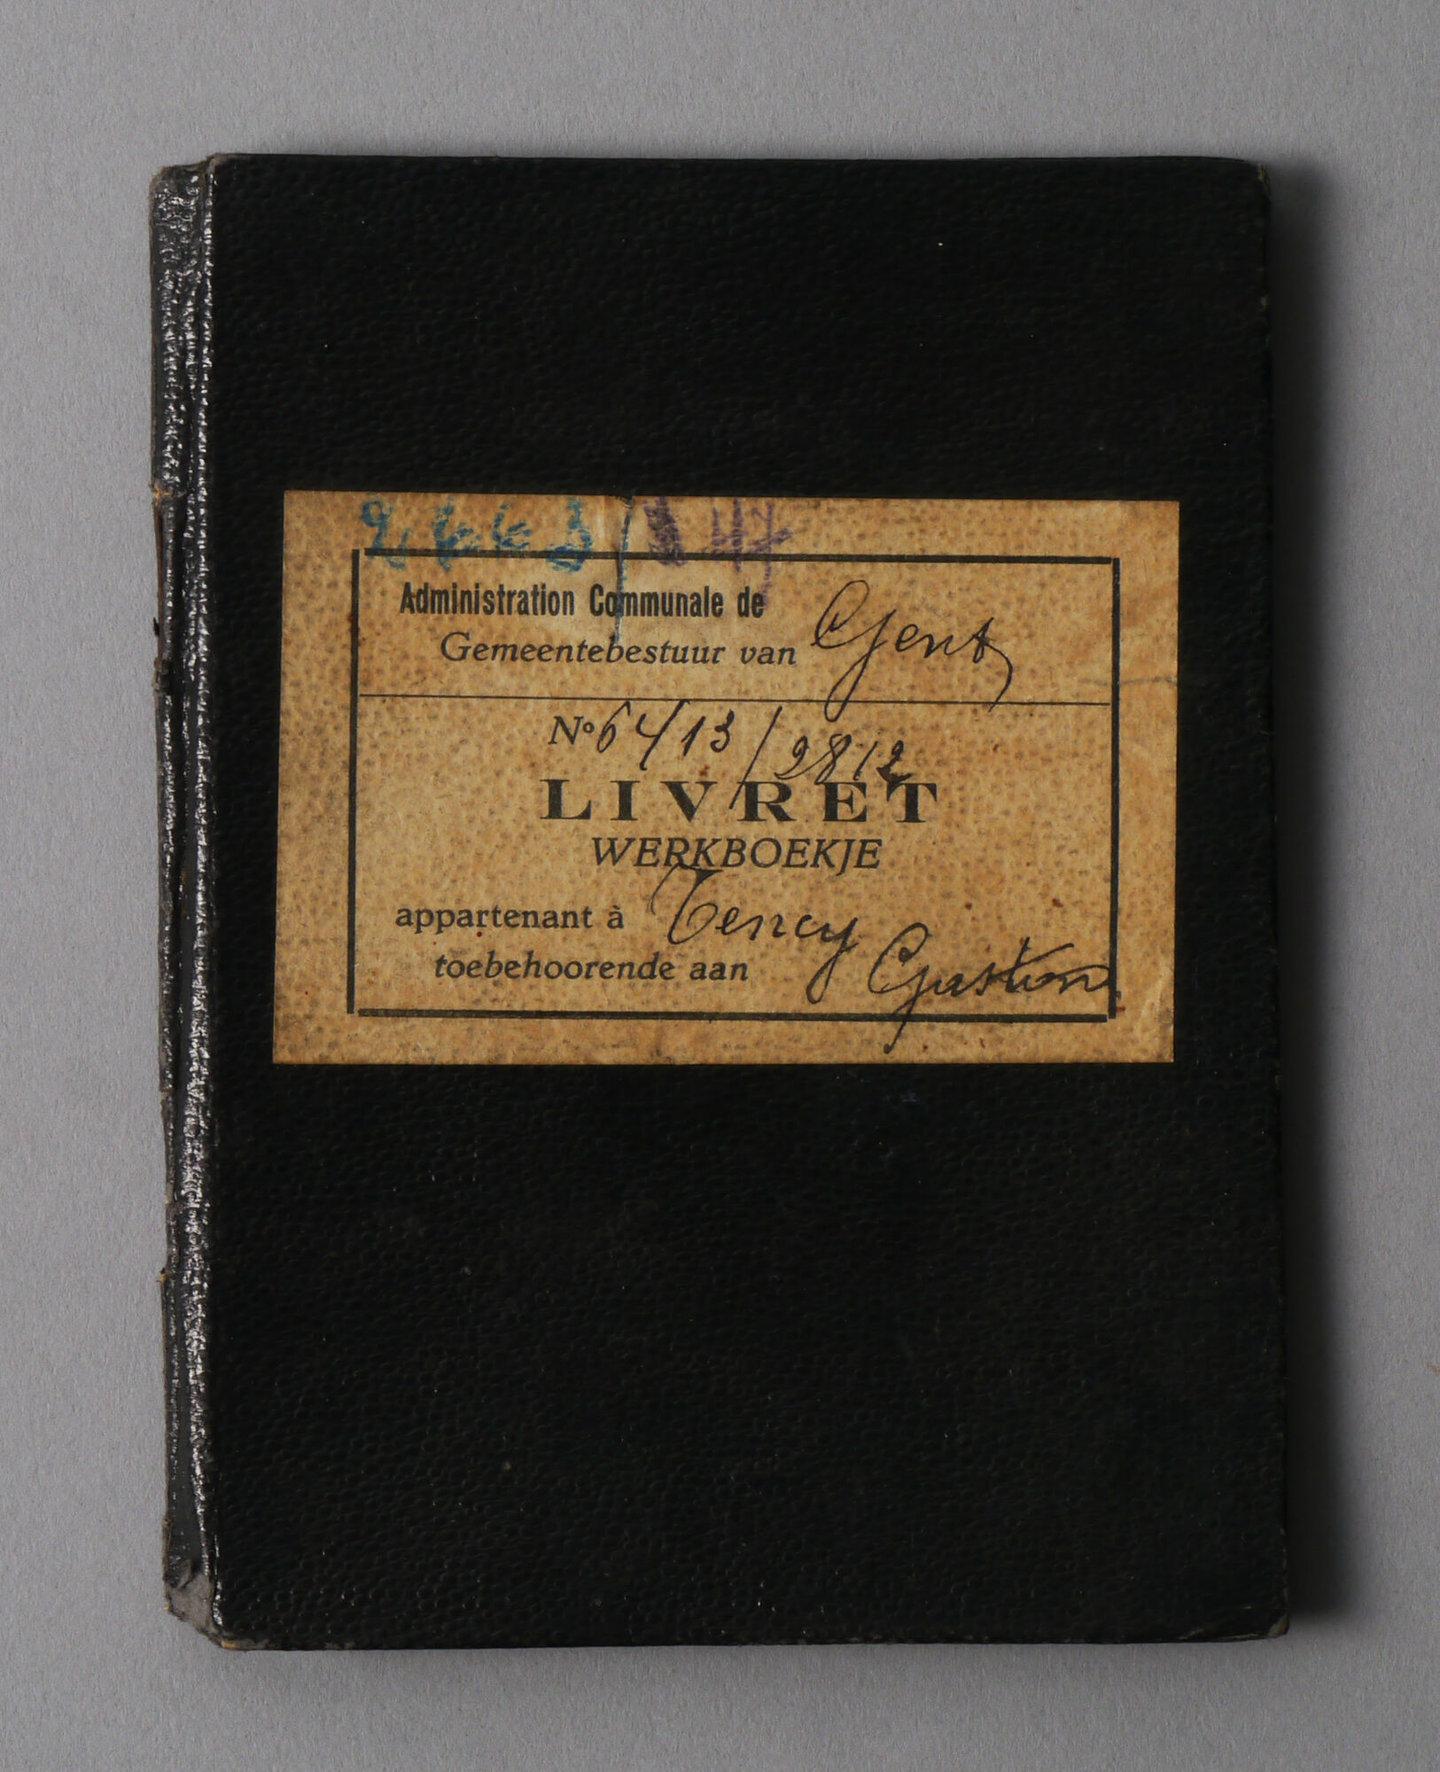 Werkboekje van Gaston Polydoor Tency